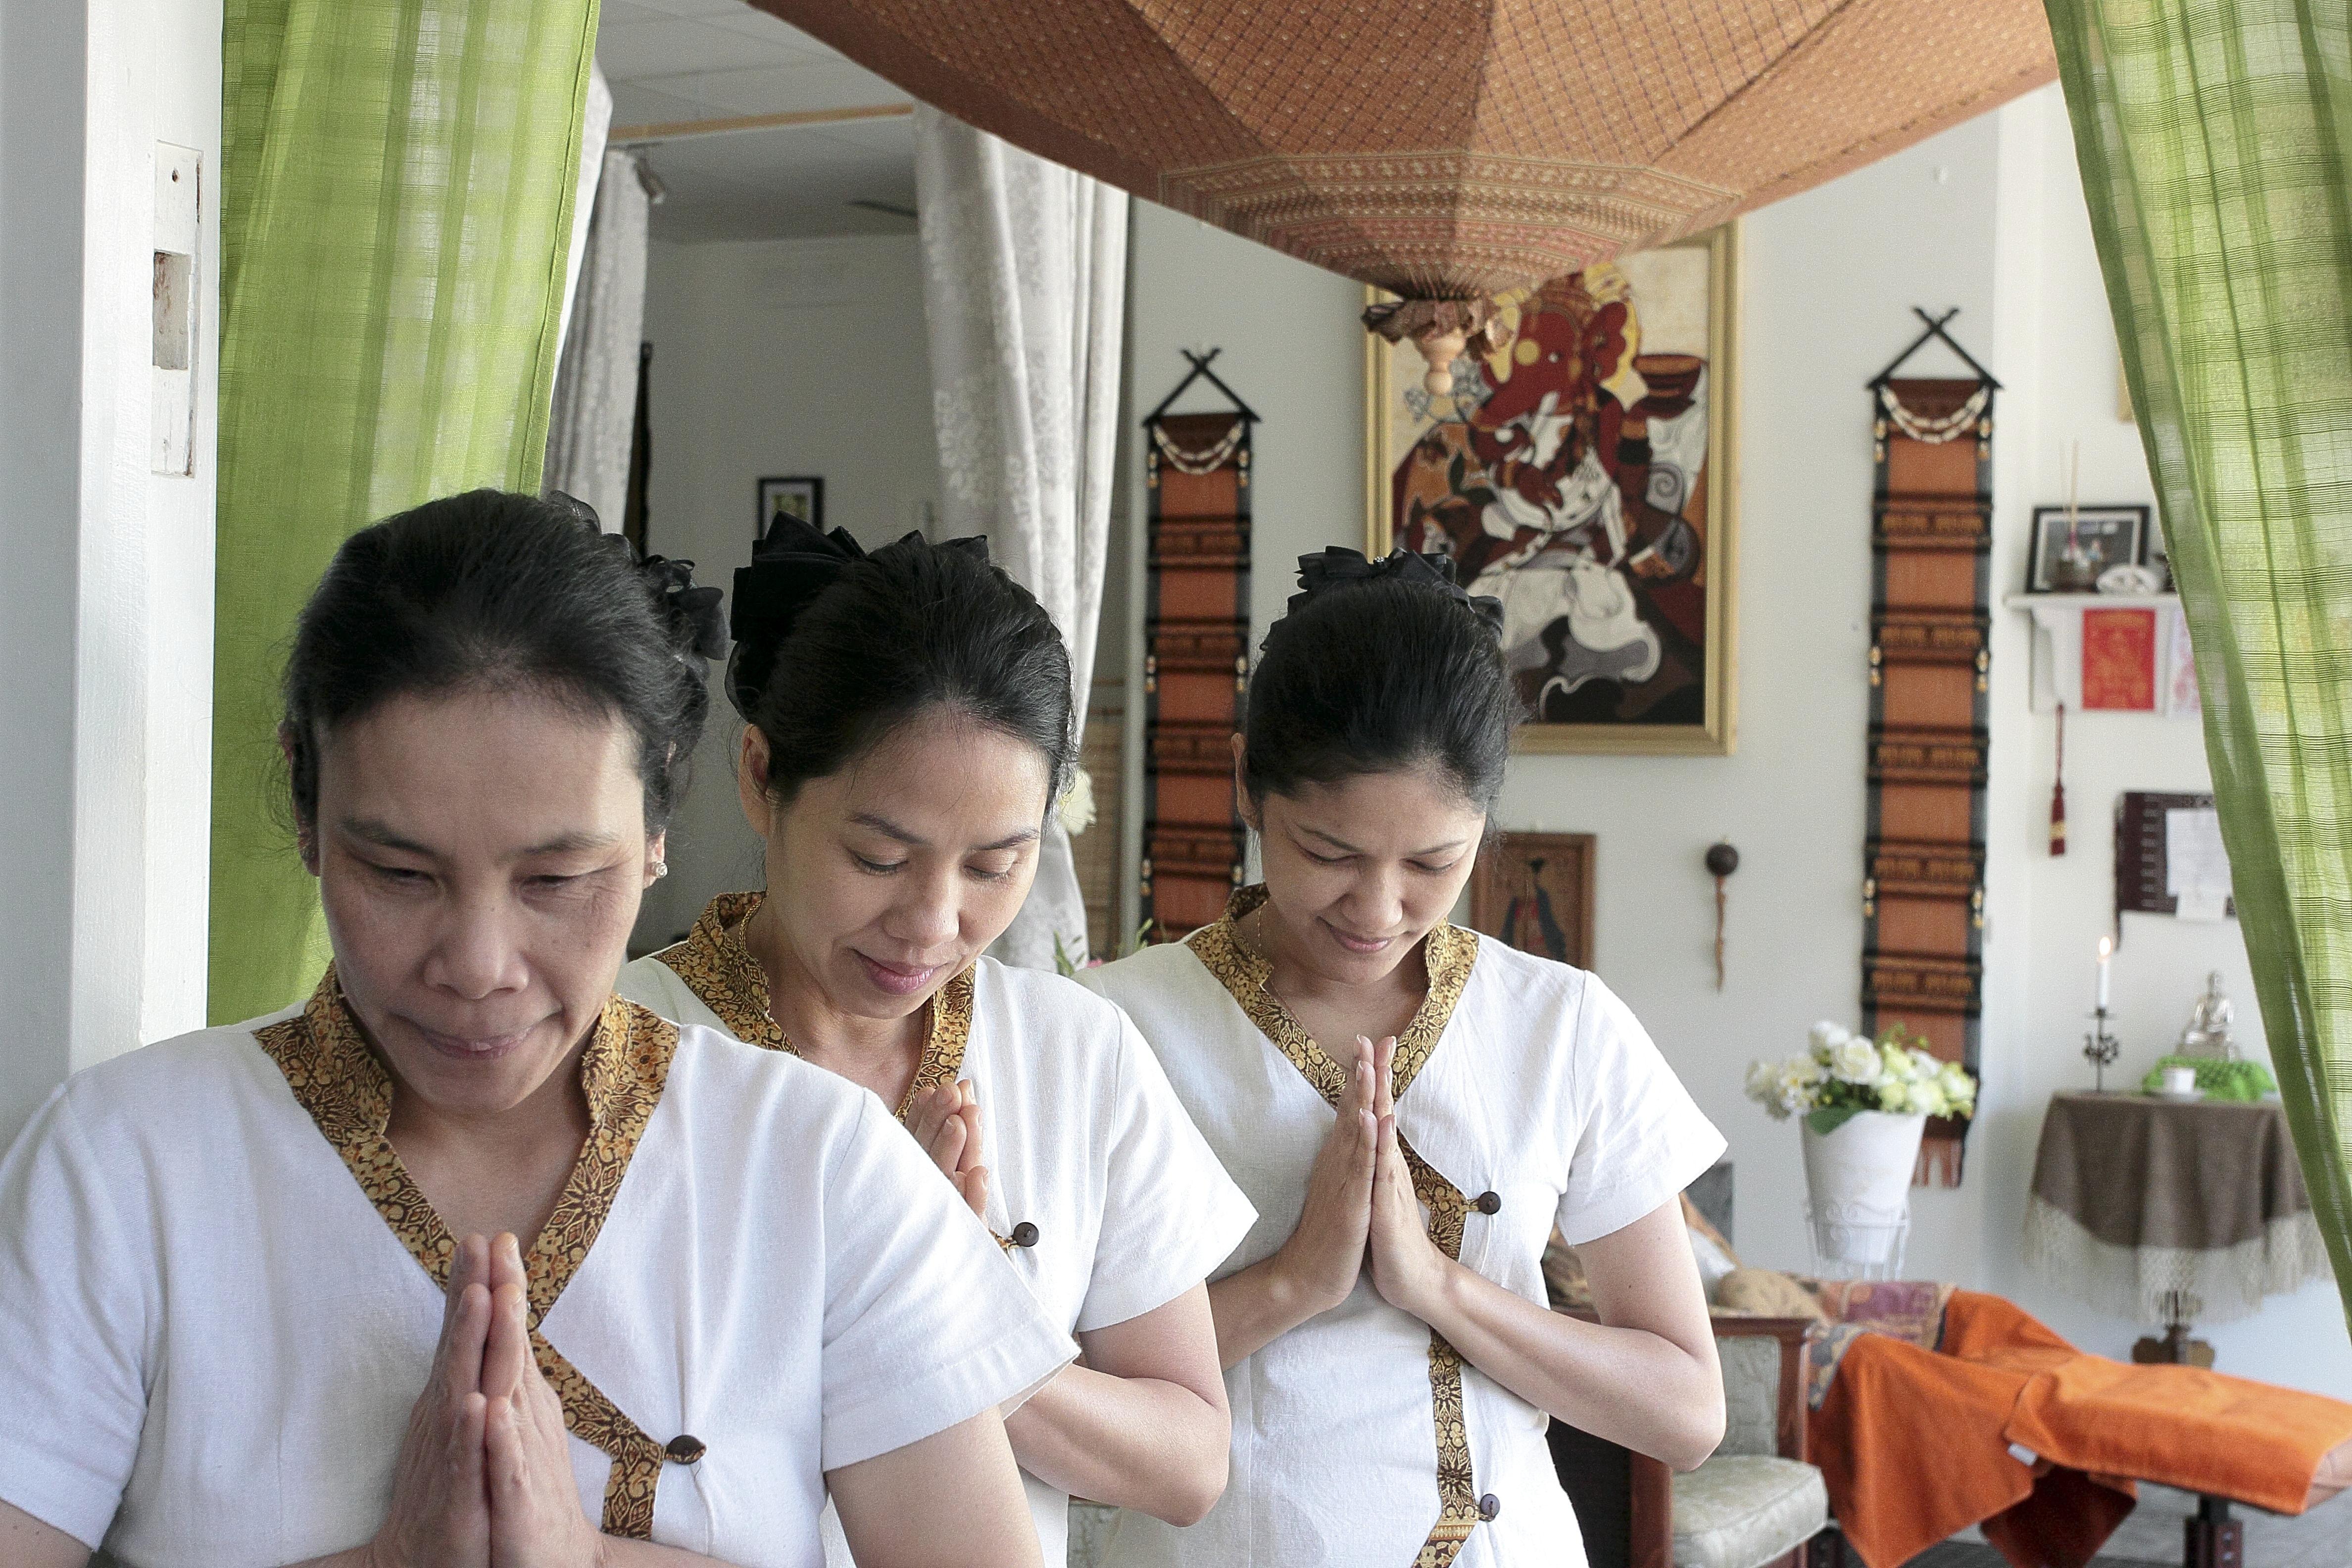 eskort i sthlm thai massage södermalm